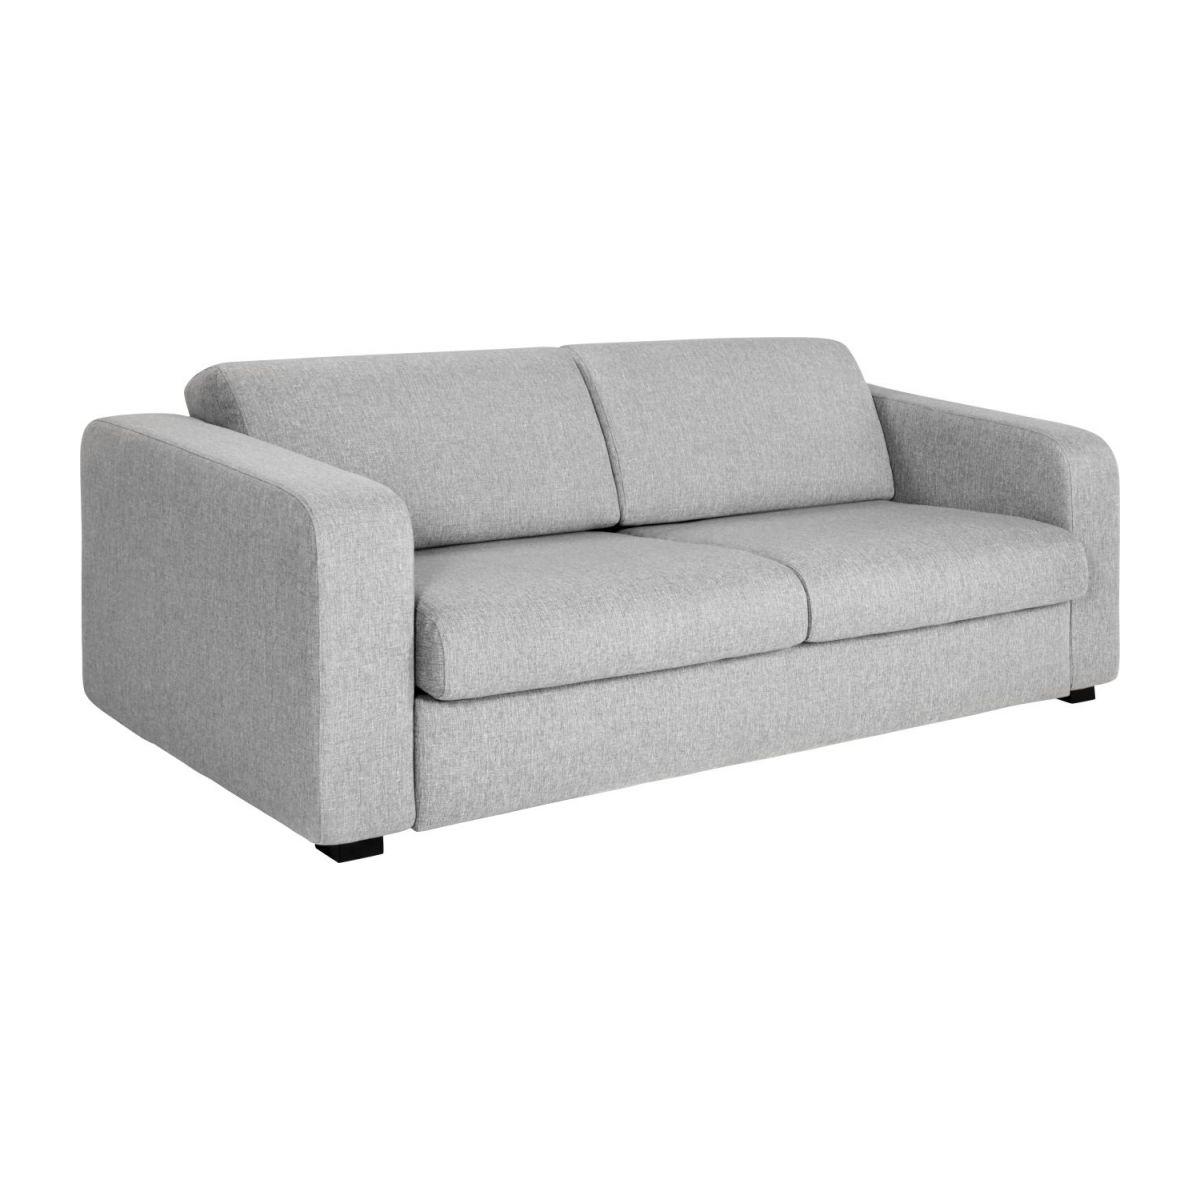 Lit canapé une place